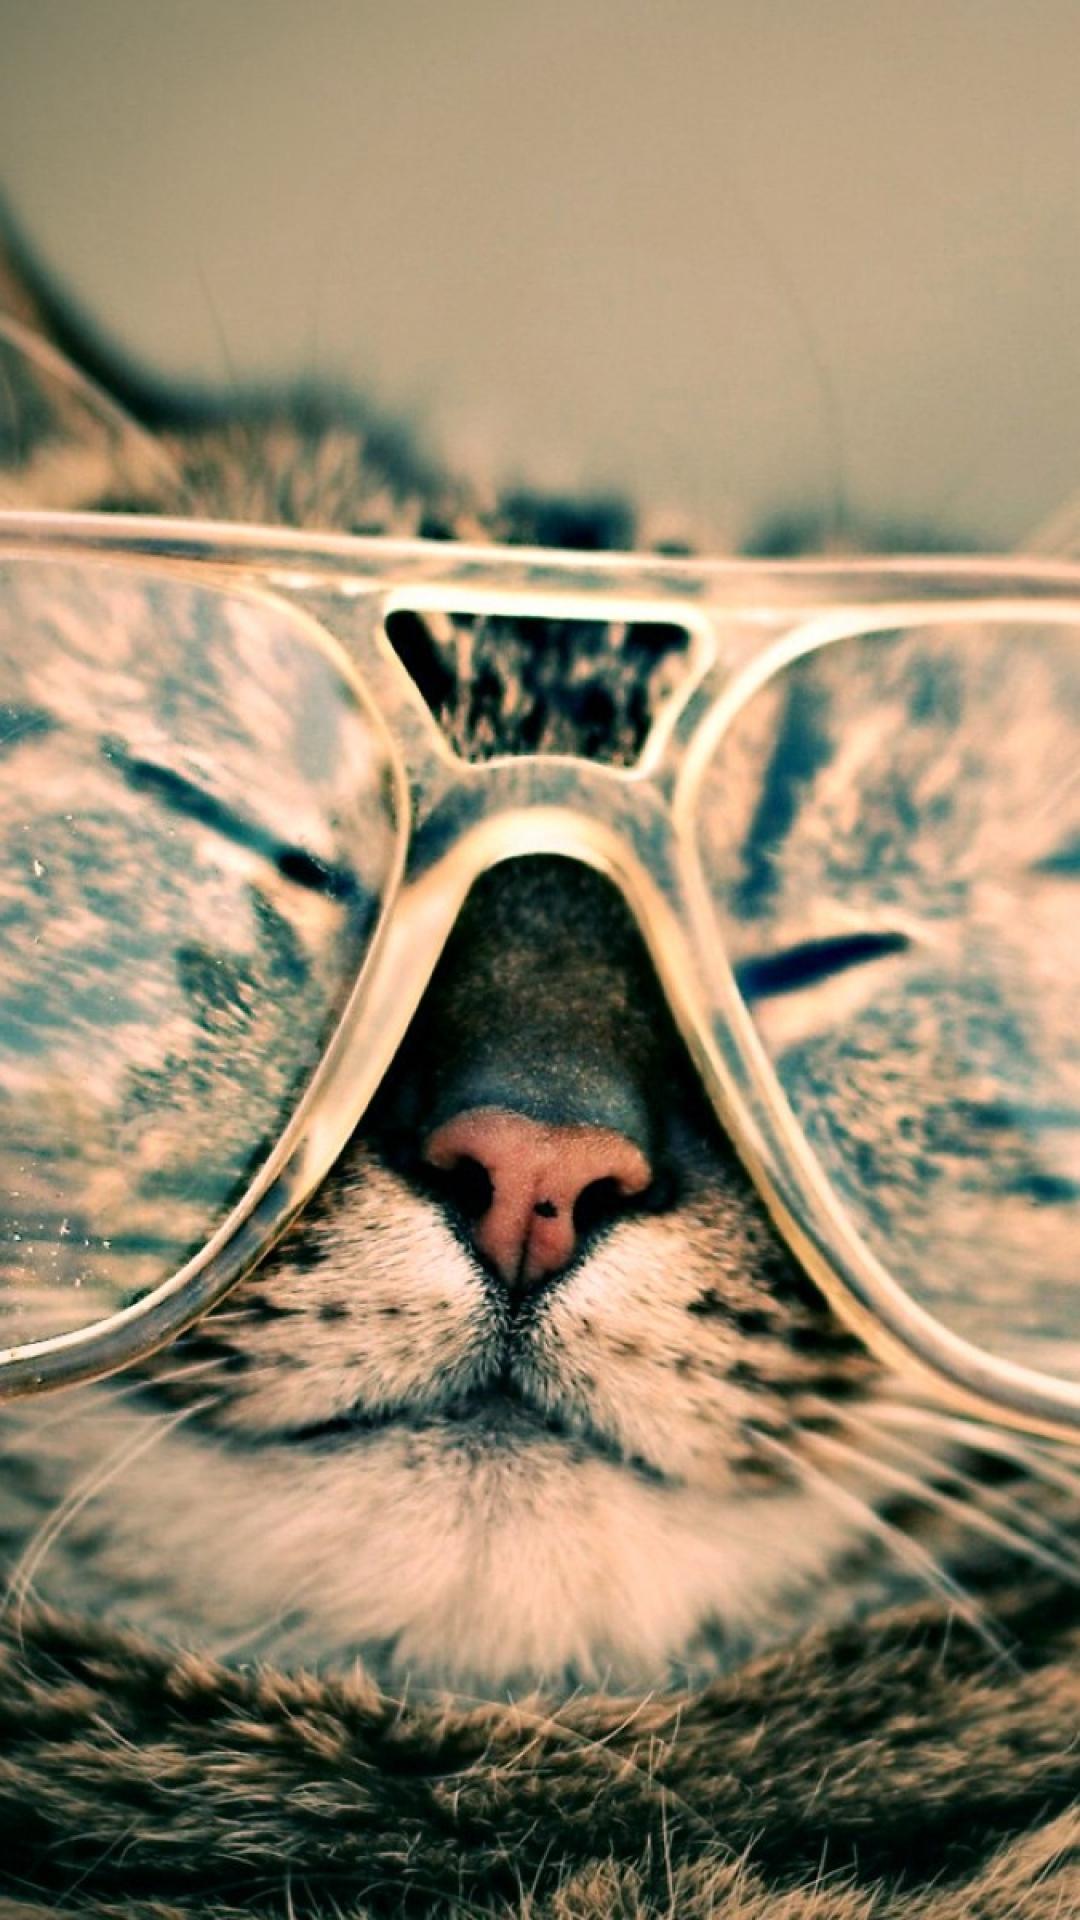 Fondo de pantalla de gato con gafas